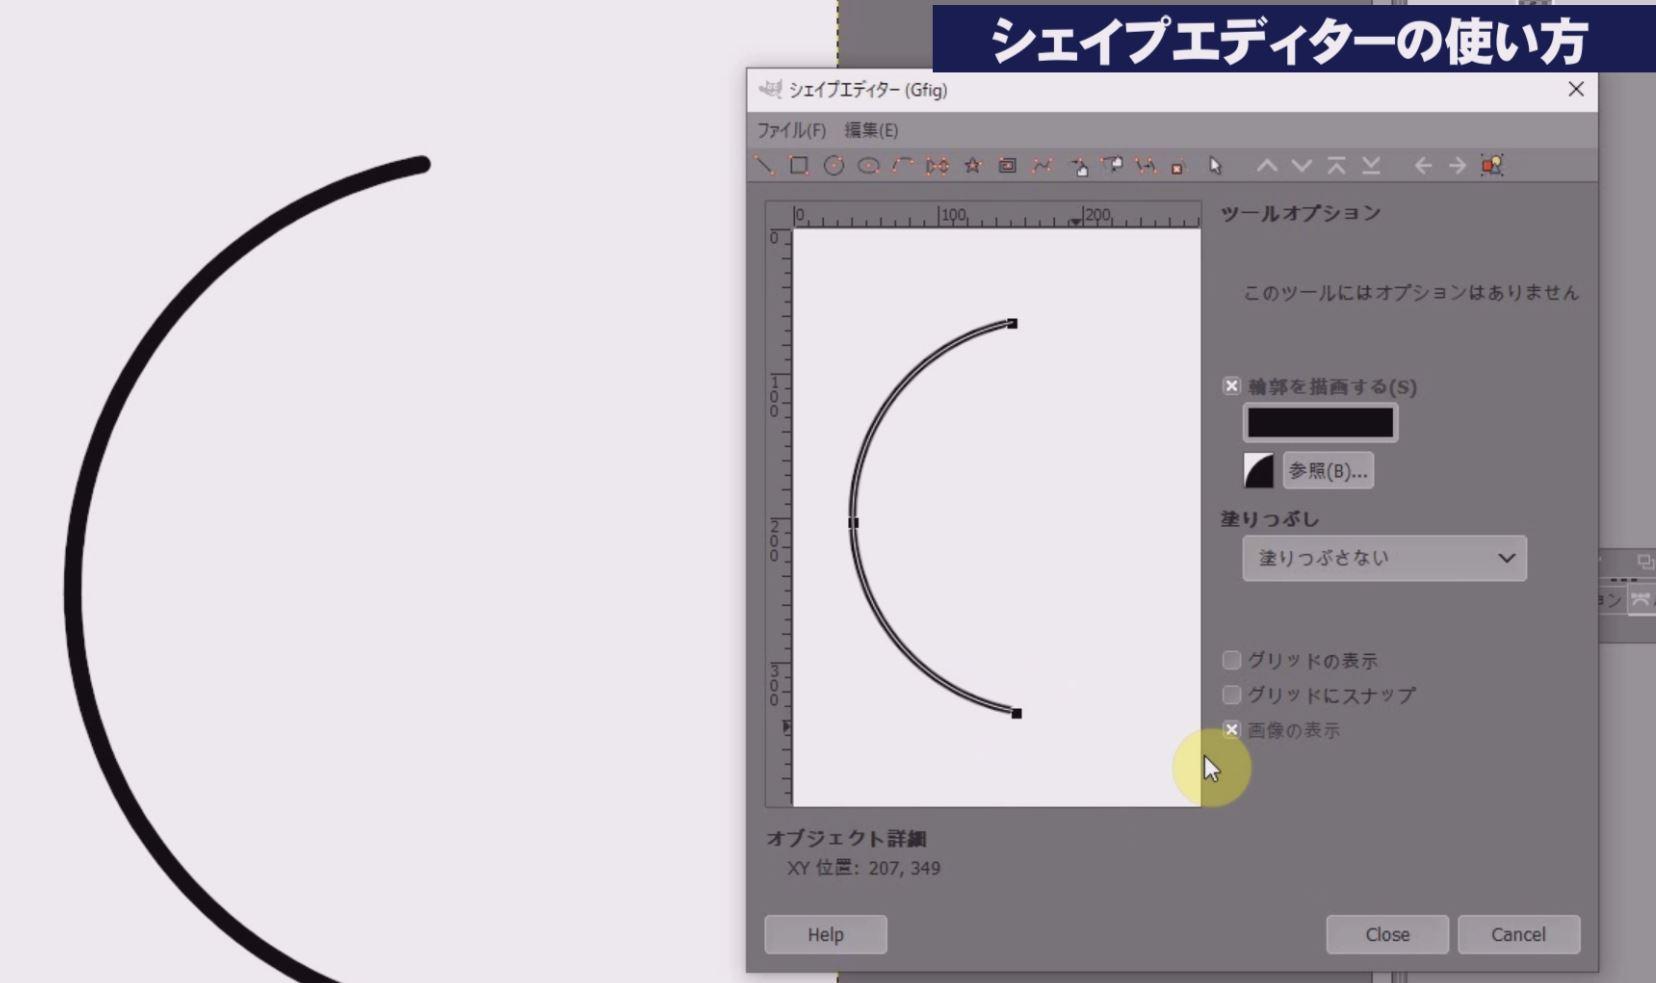 円弧が描かれる